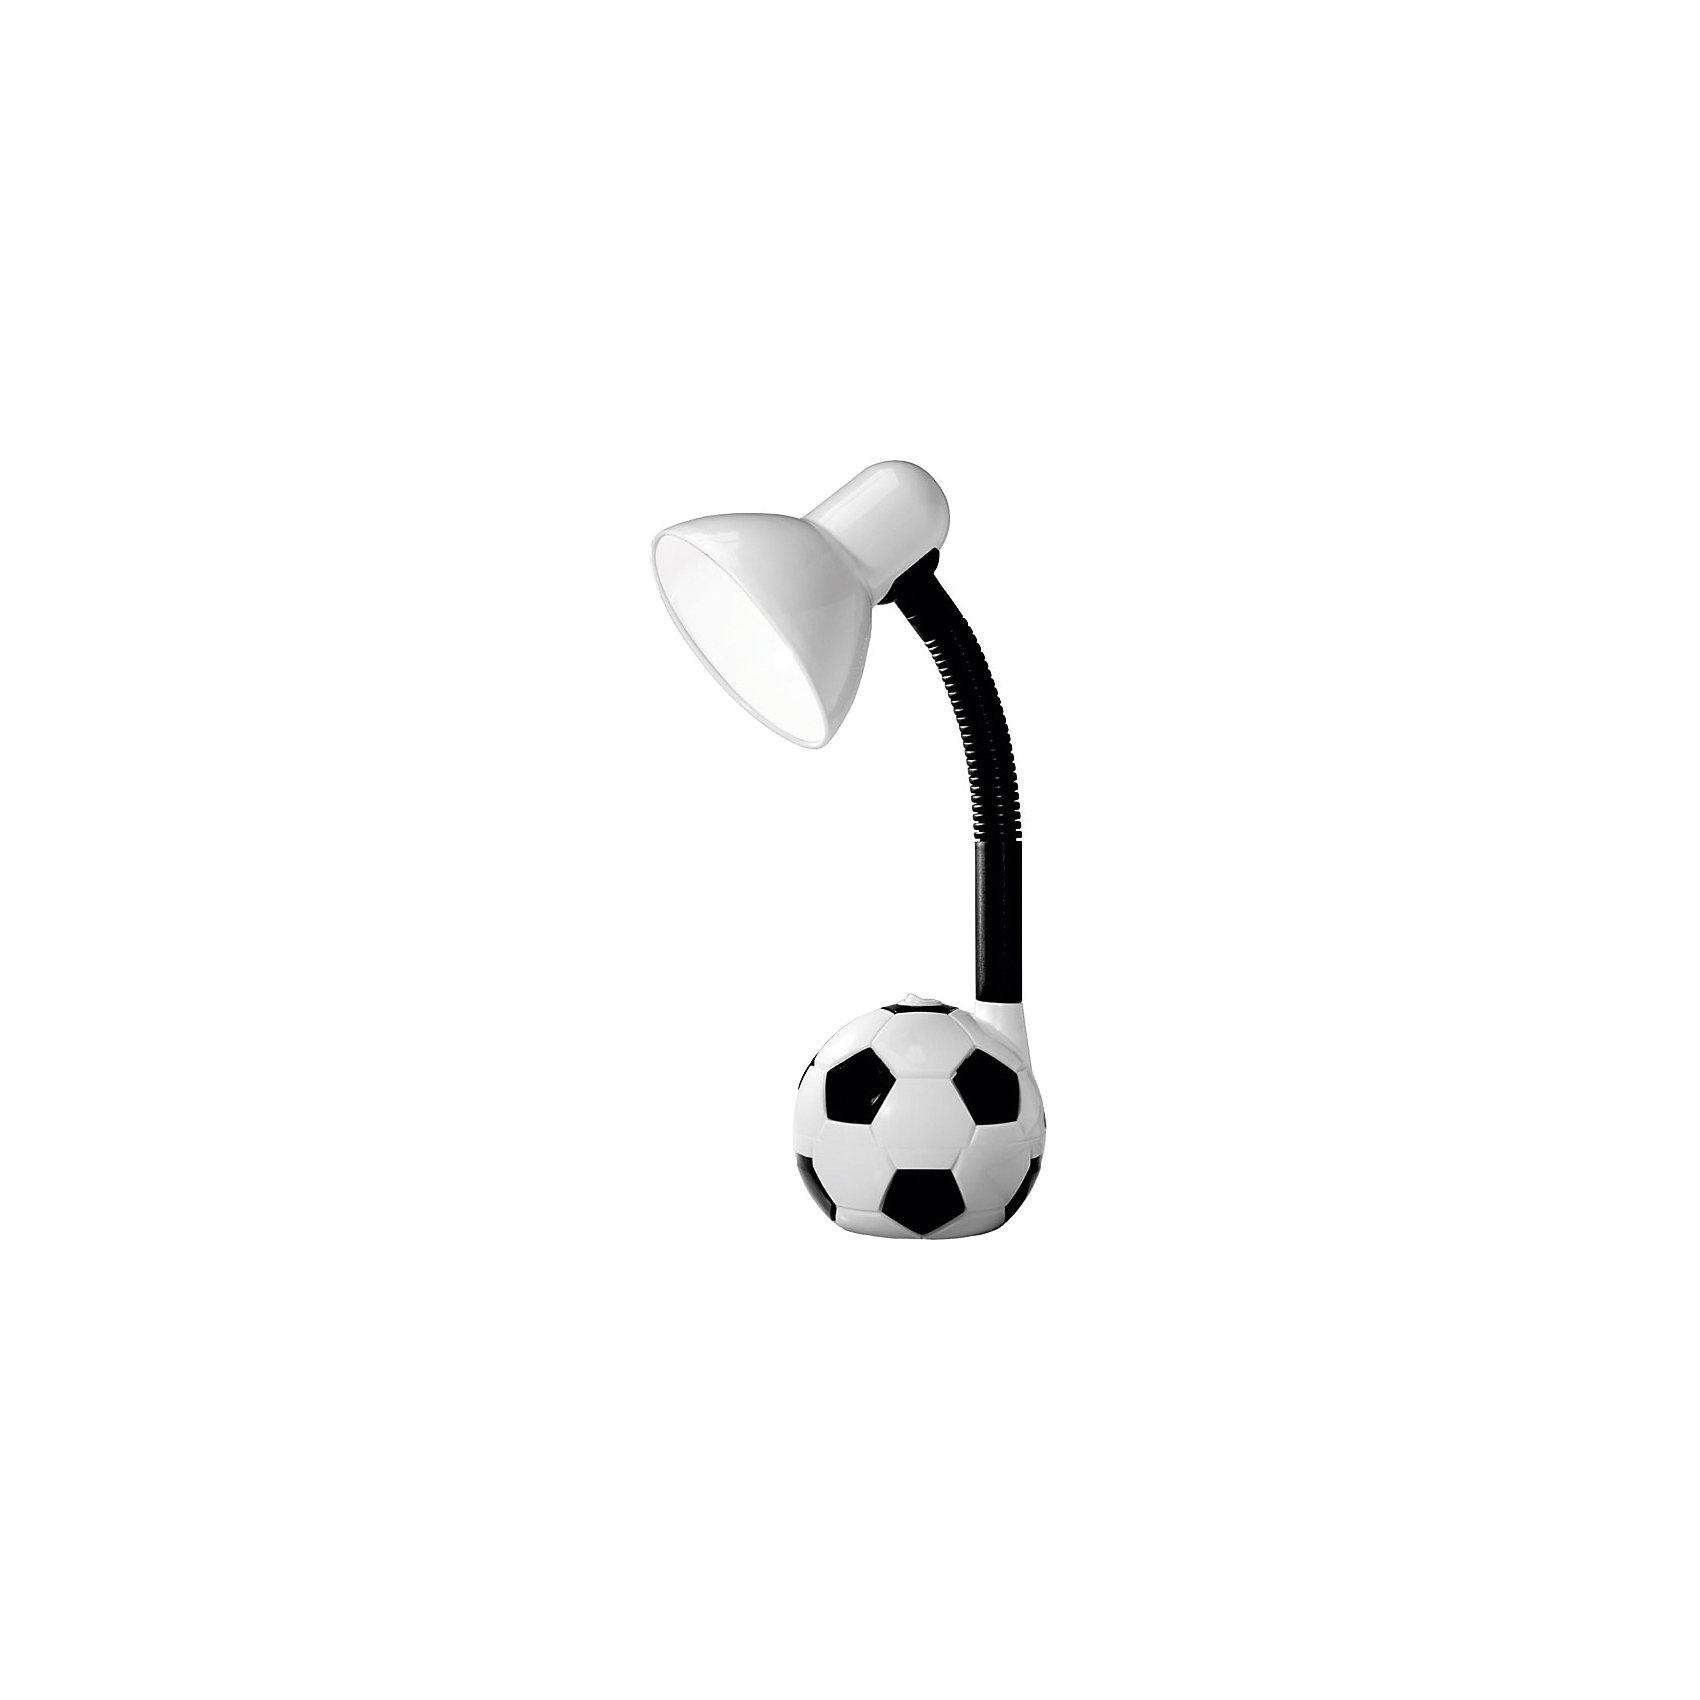 Лампа электрическая настольная EN-DL14, Energy, черно-белыйЭлектрическая лампа на подставке в форме футбольного мяча – детская настольная лампа. Высота настольной лампы регулируется, изменяется угол наклона абажура. <br>Лампа предназначена для лампочек со стандартным цоколем Е27. <br><br>Дополнительная информация:<br><br>Размер: 22,4х19,8х13 см<br> <br>Мощность: 40 Вт<br>Длина шнура: 1,2 м<br>Высота лампы: 450 мм<br>Диаметр абажура: 125 мм<br><br>Обратите внимание: лампочки в комплект поставки не входят!<br><br>Лампу электрическую настольную EN-DL14, Energy, черно-белую можно купить в нашем интернет-магазине.<br><br>Ширина мм: 200<br>Глубина мм: 130<br>Высота мм: 220<br>Вес г: 1002<br>Возраст от месяцев: 36<br>Возраст до месяцев: 1080<br>Пол: Унисекс<br>Возраст: Детский<br>SKU: 4989902